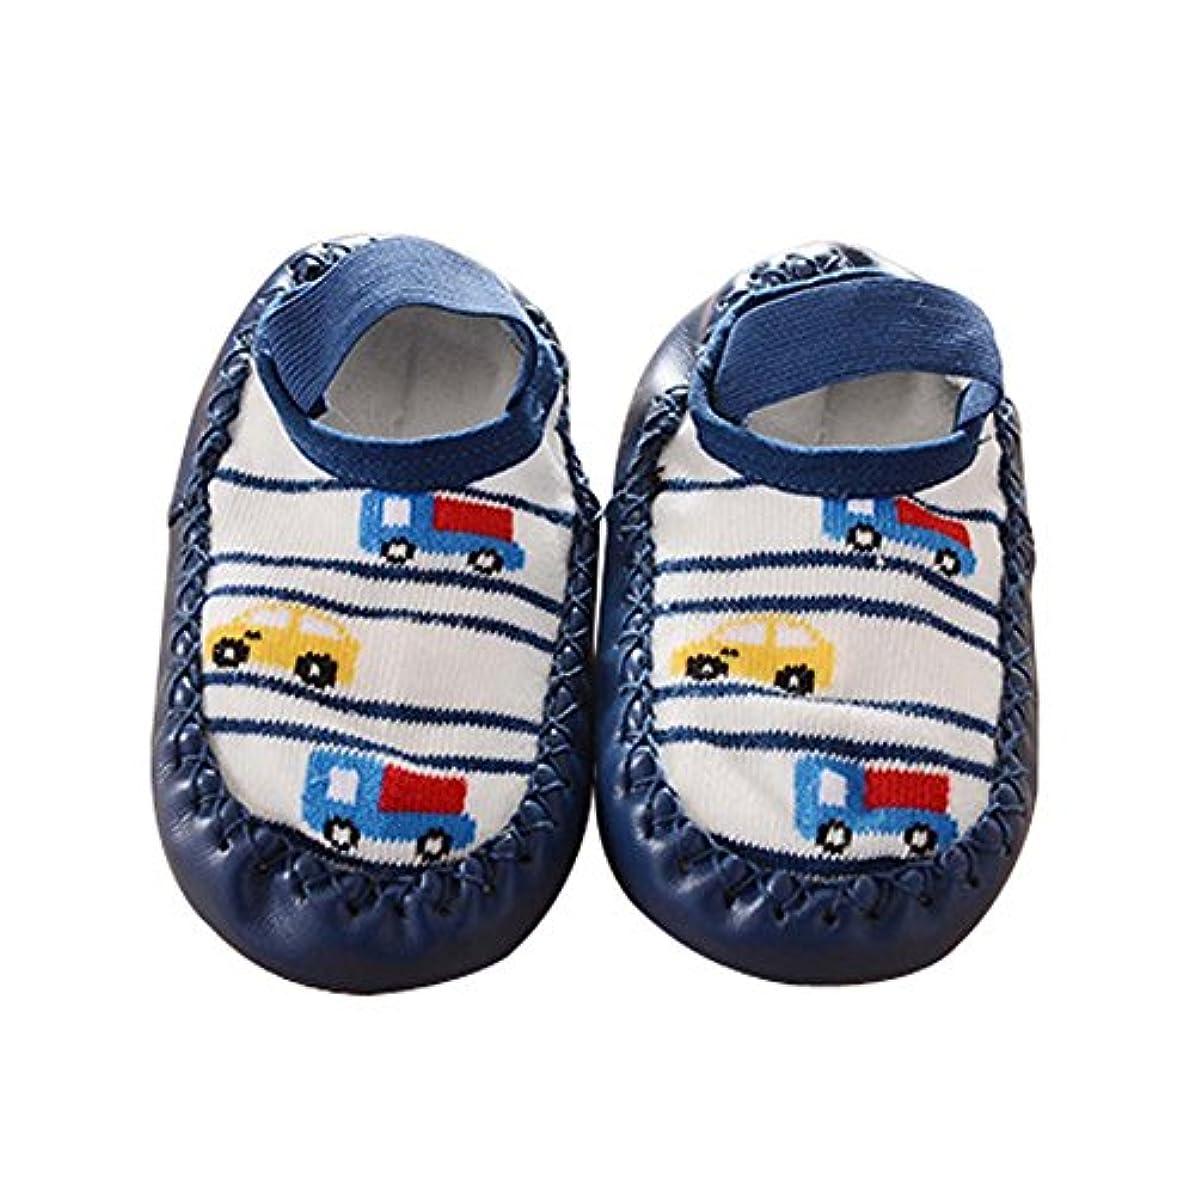 ジェスチャー好奇心自動車幼児の赤ちゃん漫画厚くて暖かい滑り止めフロアソックス1ペア、ダークブルー